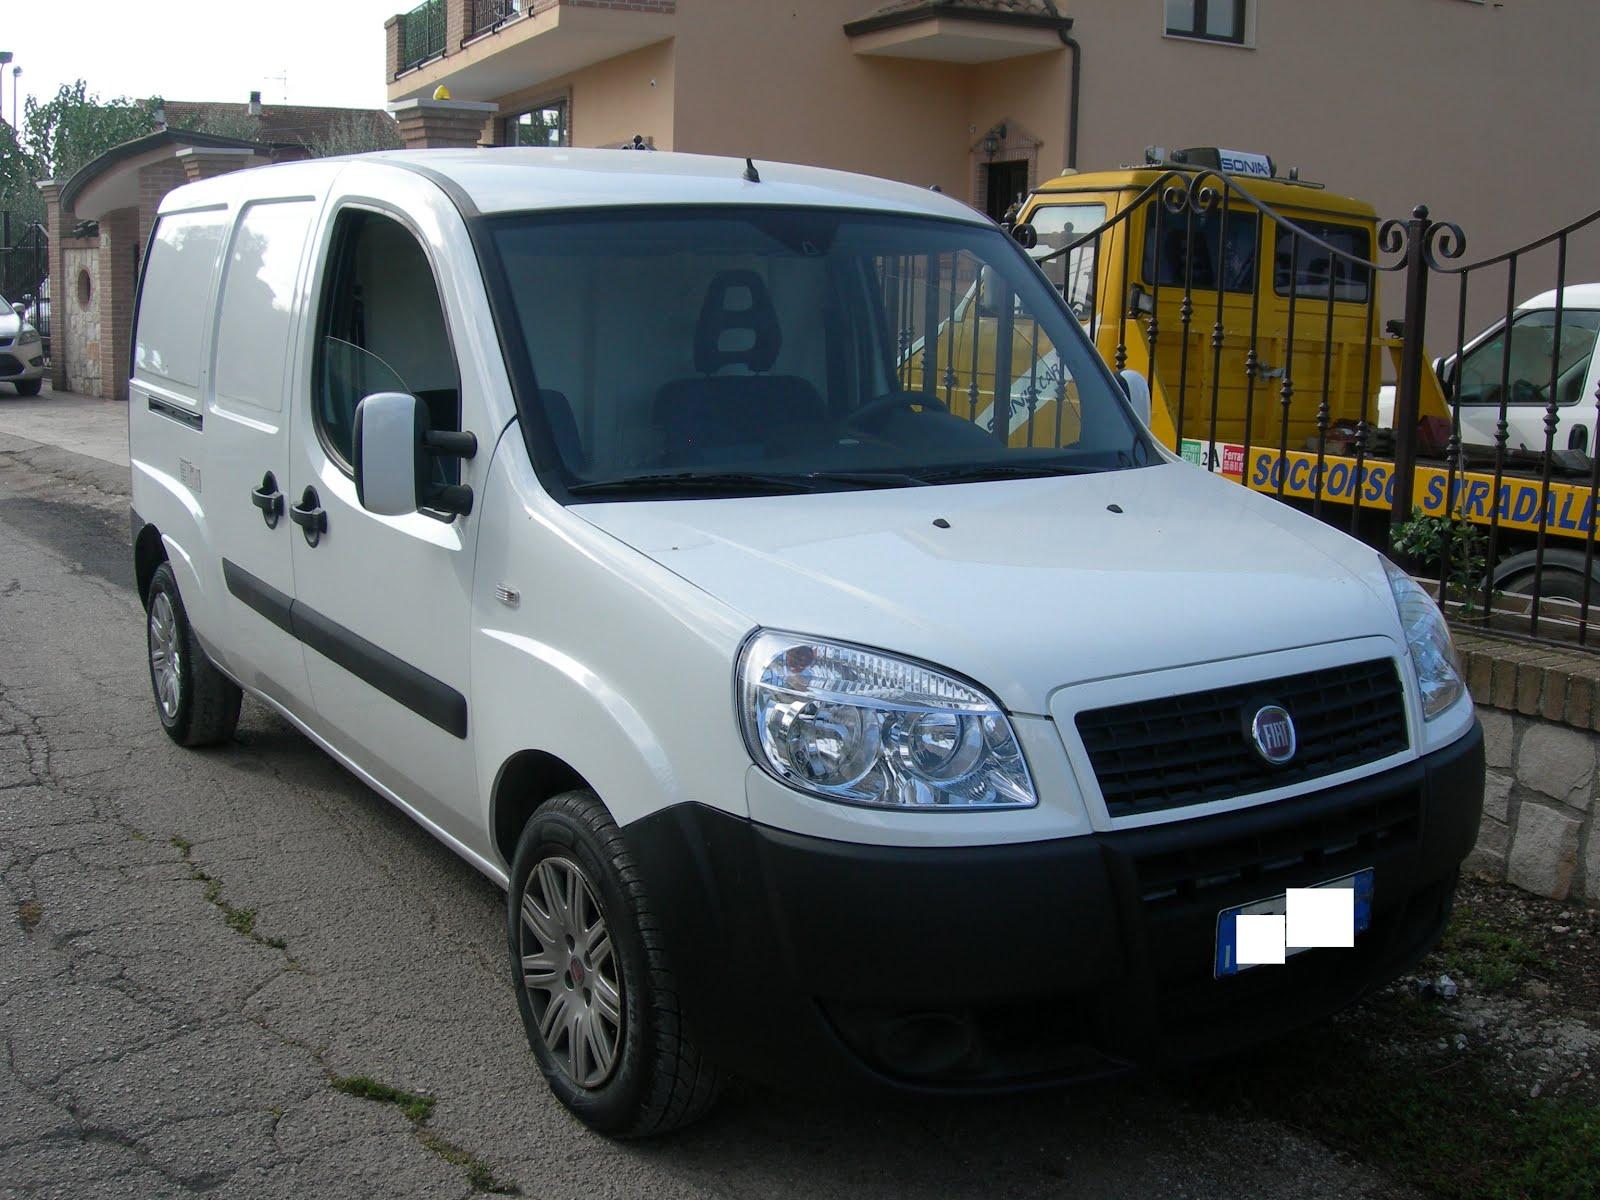 FIAT DOBLO' 1.4 T-JET NATURAL POWER MAXI METANO 2009 FRIGO COIBENTATO 7.500,00 EURO